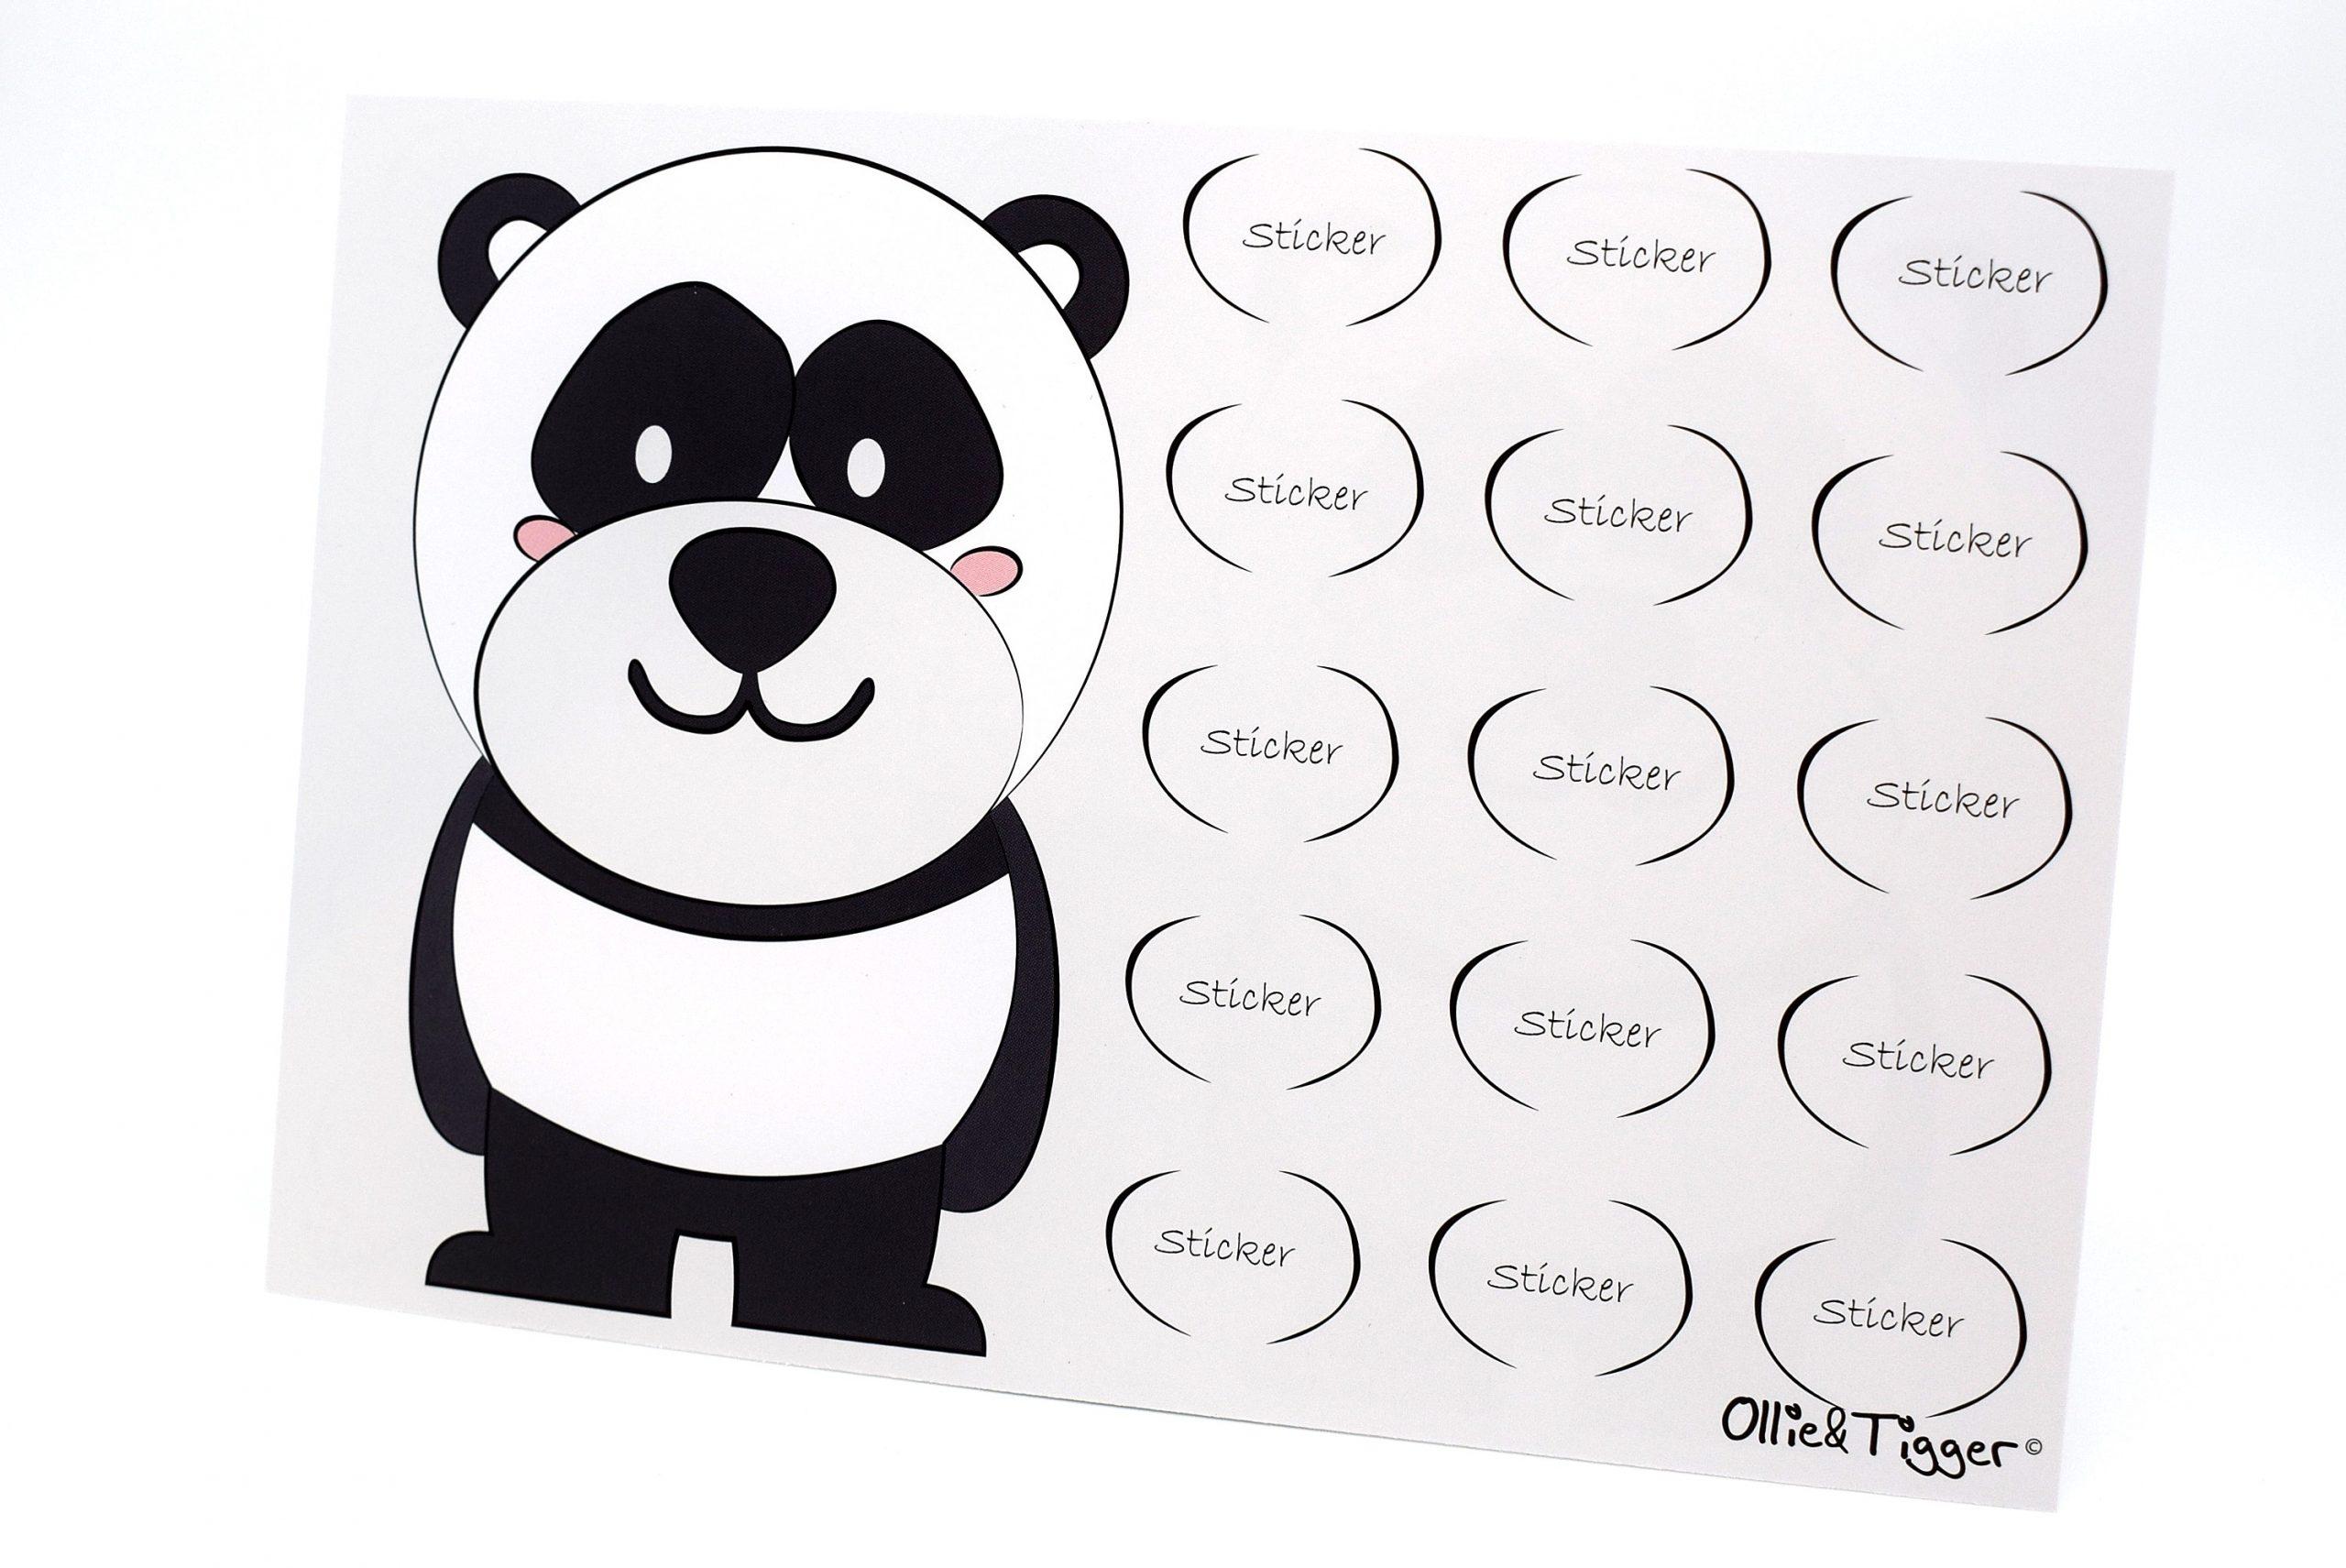 Zindelijkheidstraining beloningssysteem met stickers